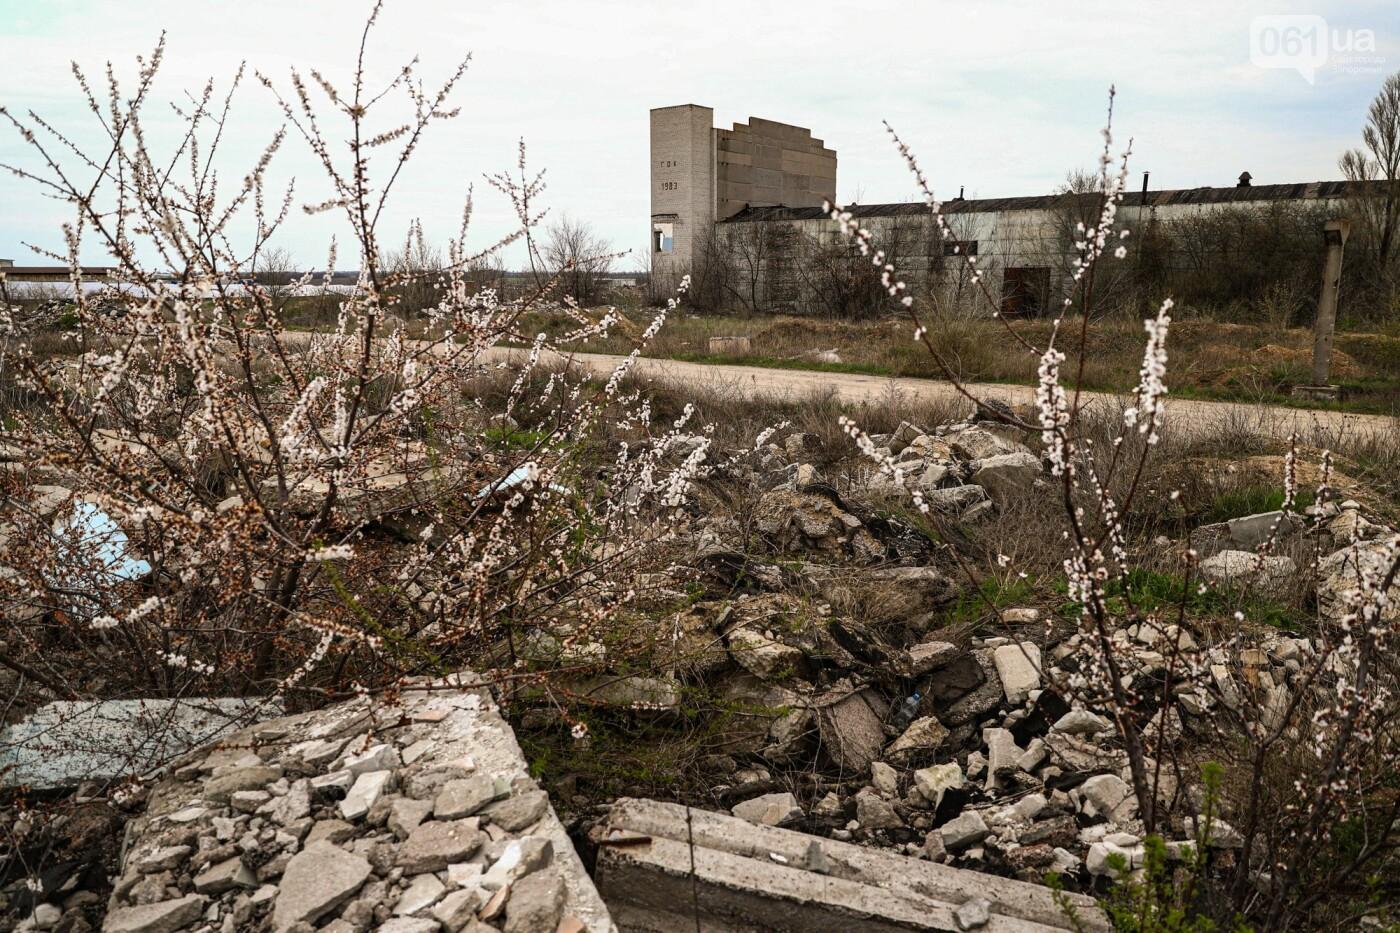 В Степногорске пытаются разобрать на металлолом шахту - промплощадка ГОКа превратилась в руины, - ФОТОРЕПОРТАЖ , фото-25